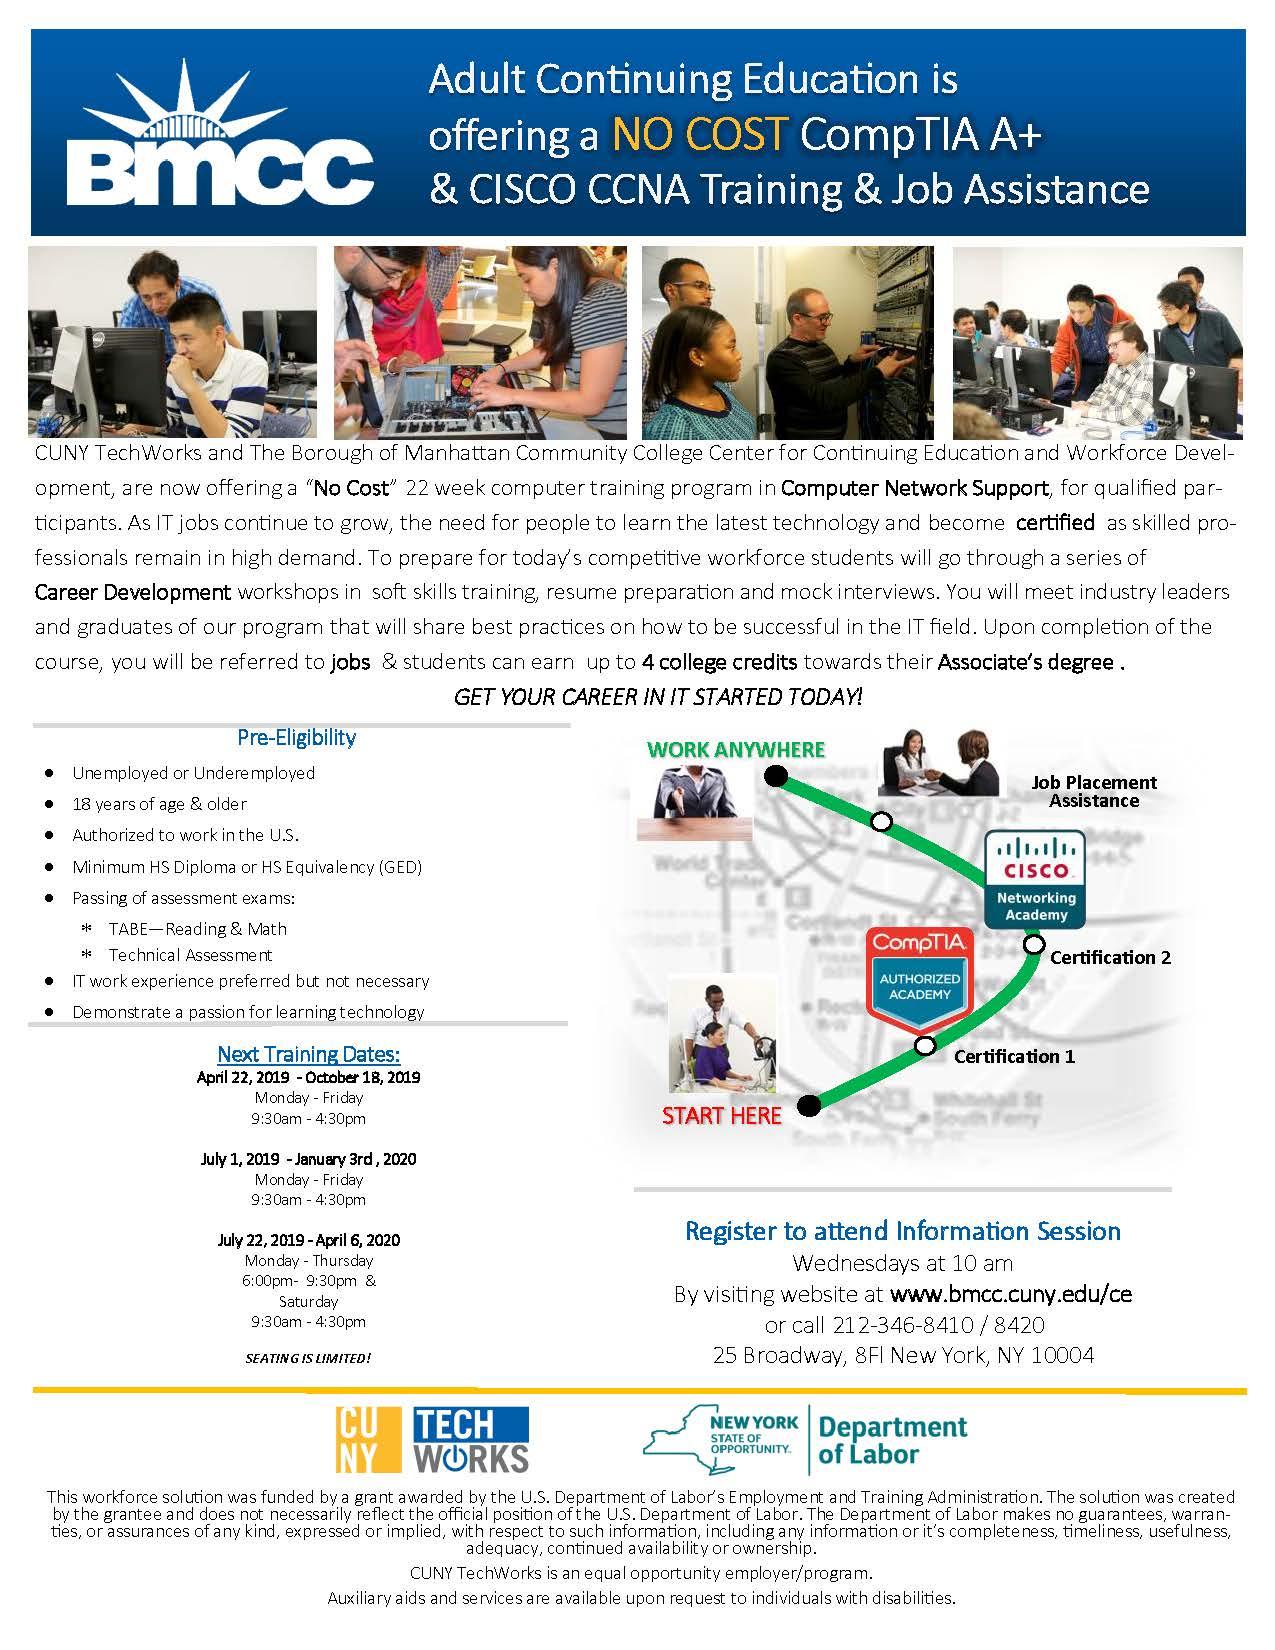 NO COST- CompTIA A+ & CISCO CCNA Training and Job Assistance